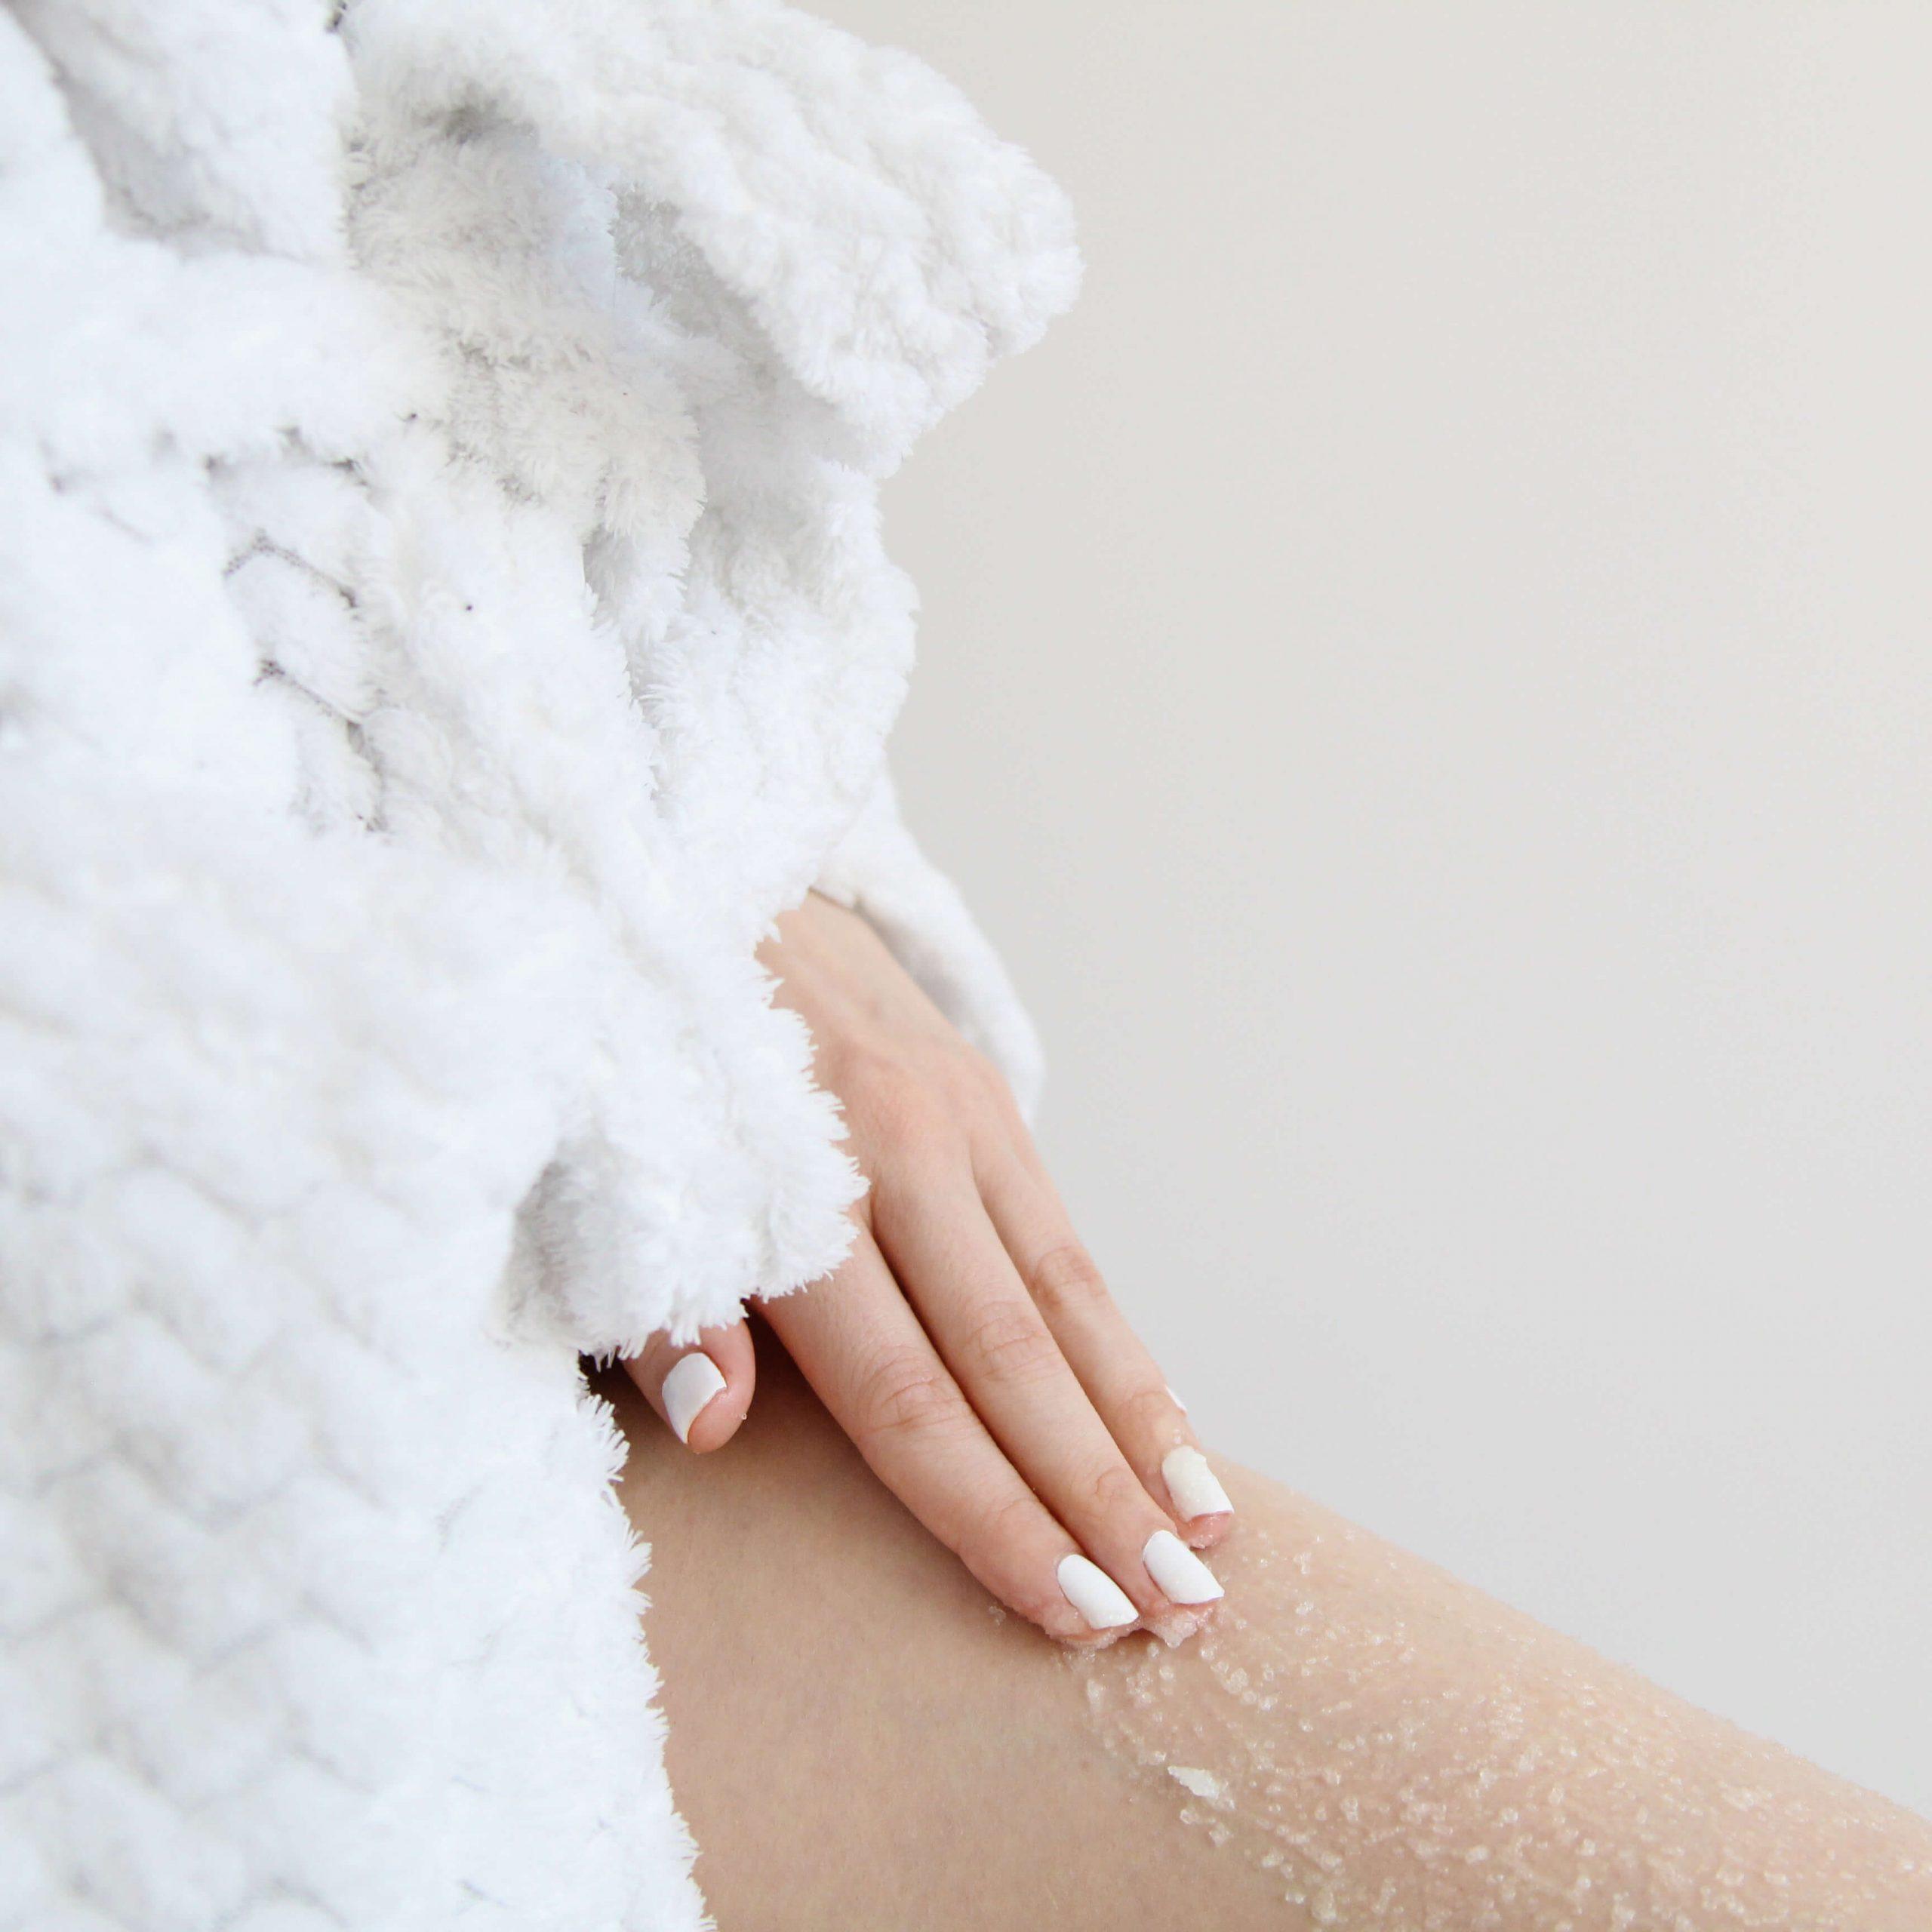 resibo peeling do ciała osoba w szlafroku dloń wciera peeling w ciało